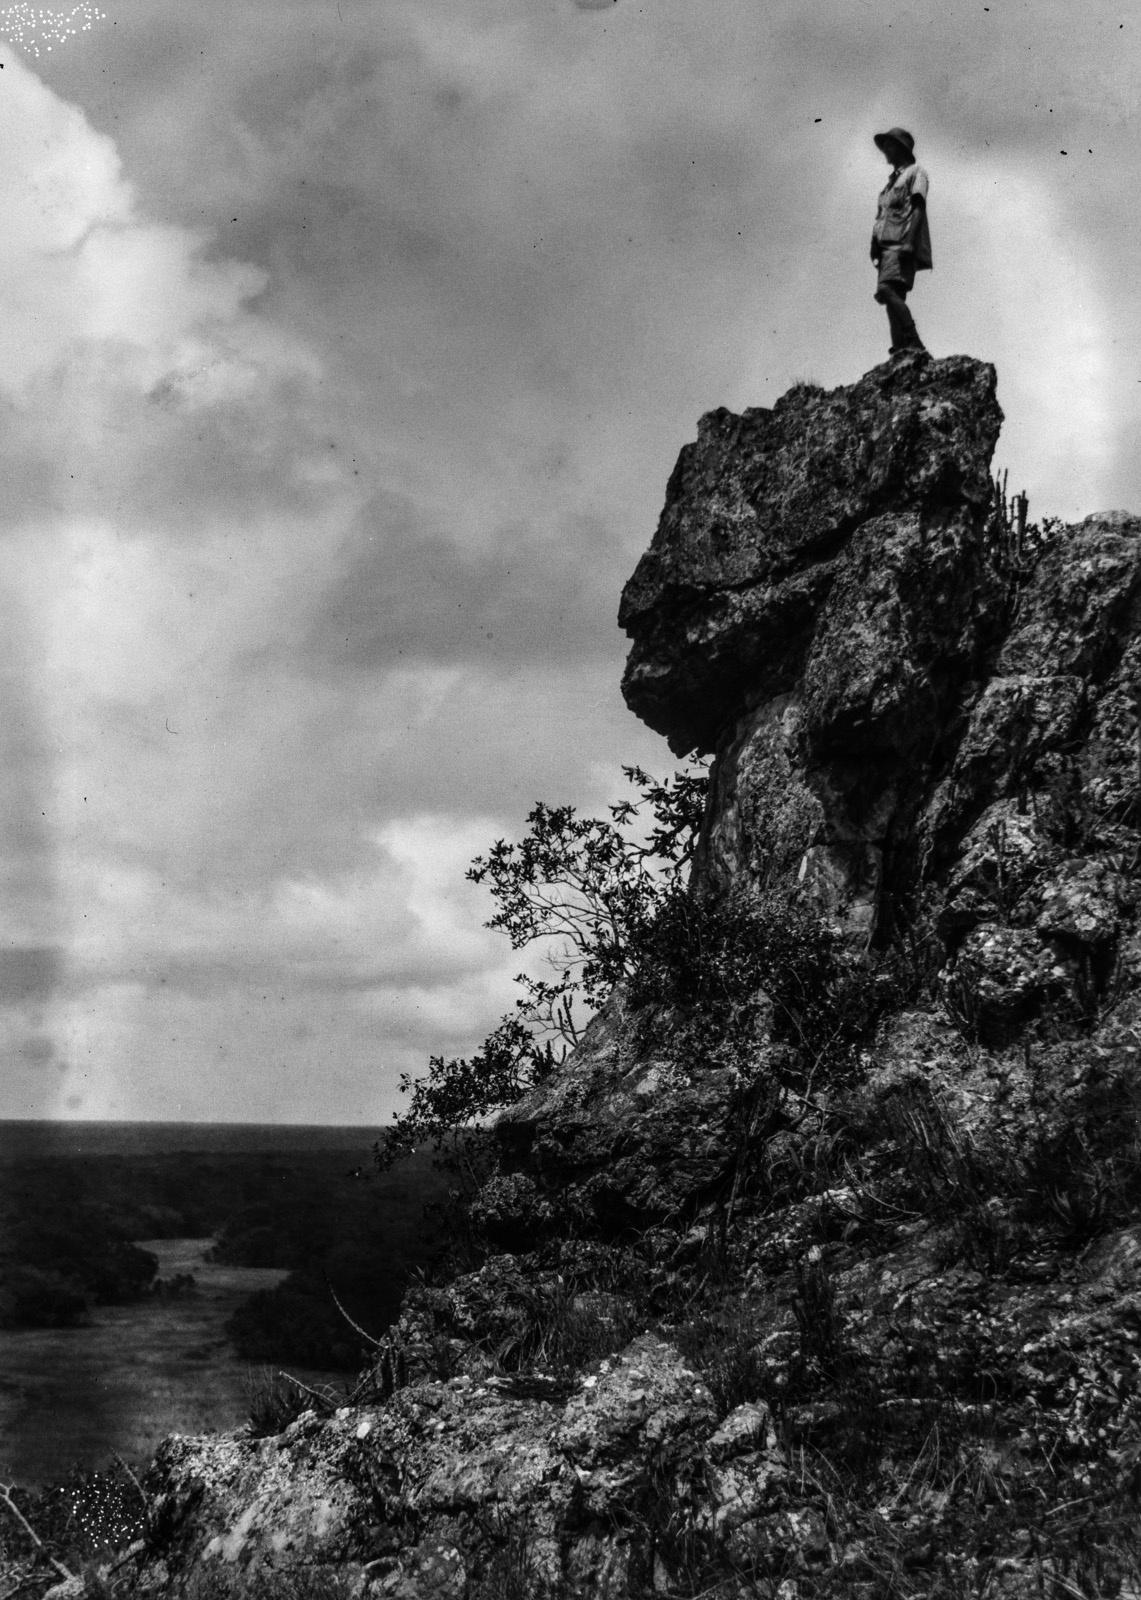 Капири-Мпоши.  Вид на скалу и лесистую равнину с ручьем.